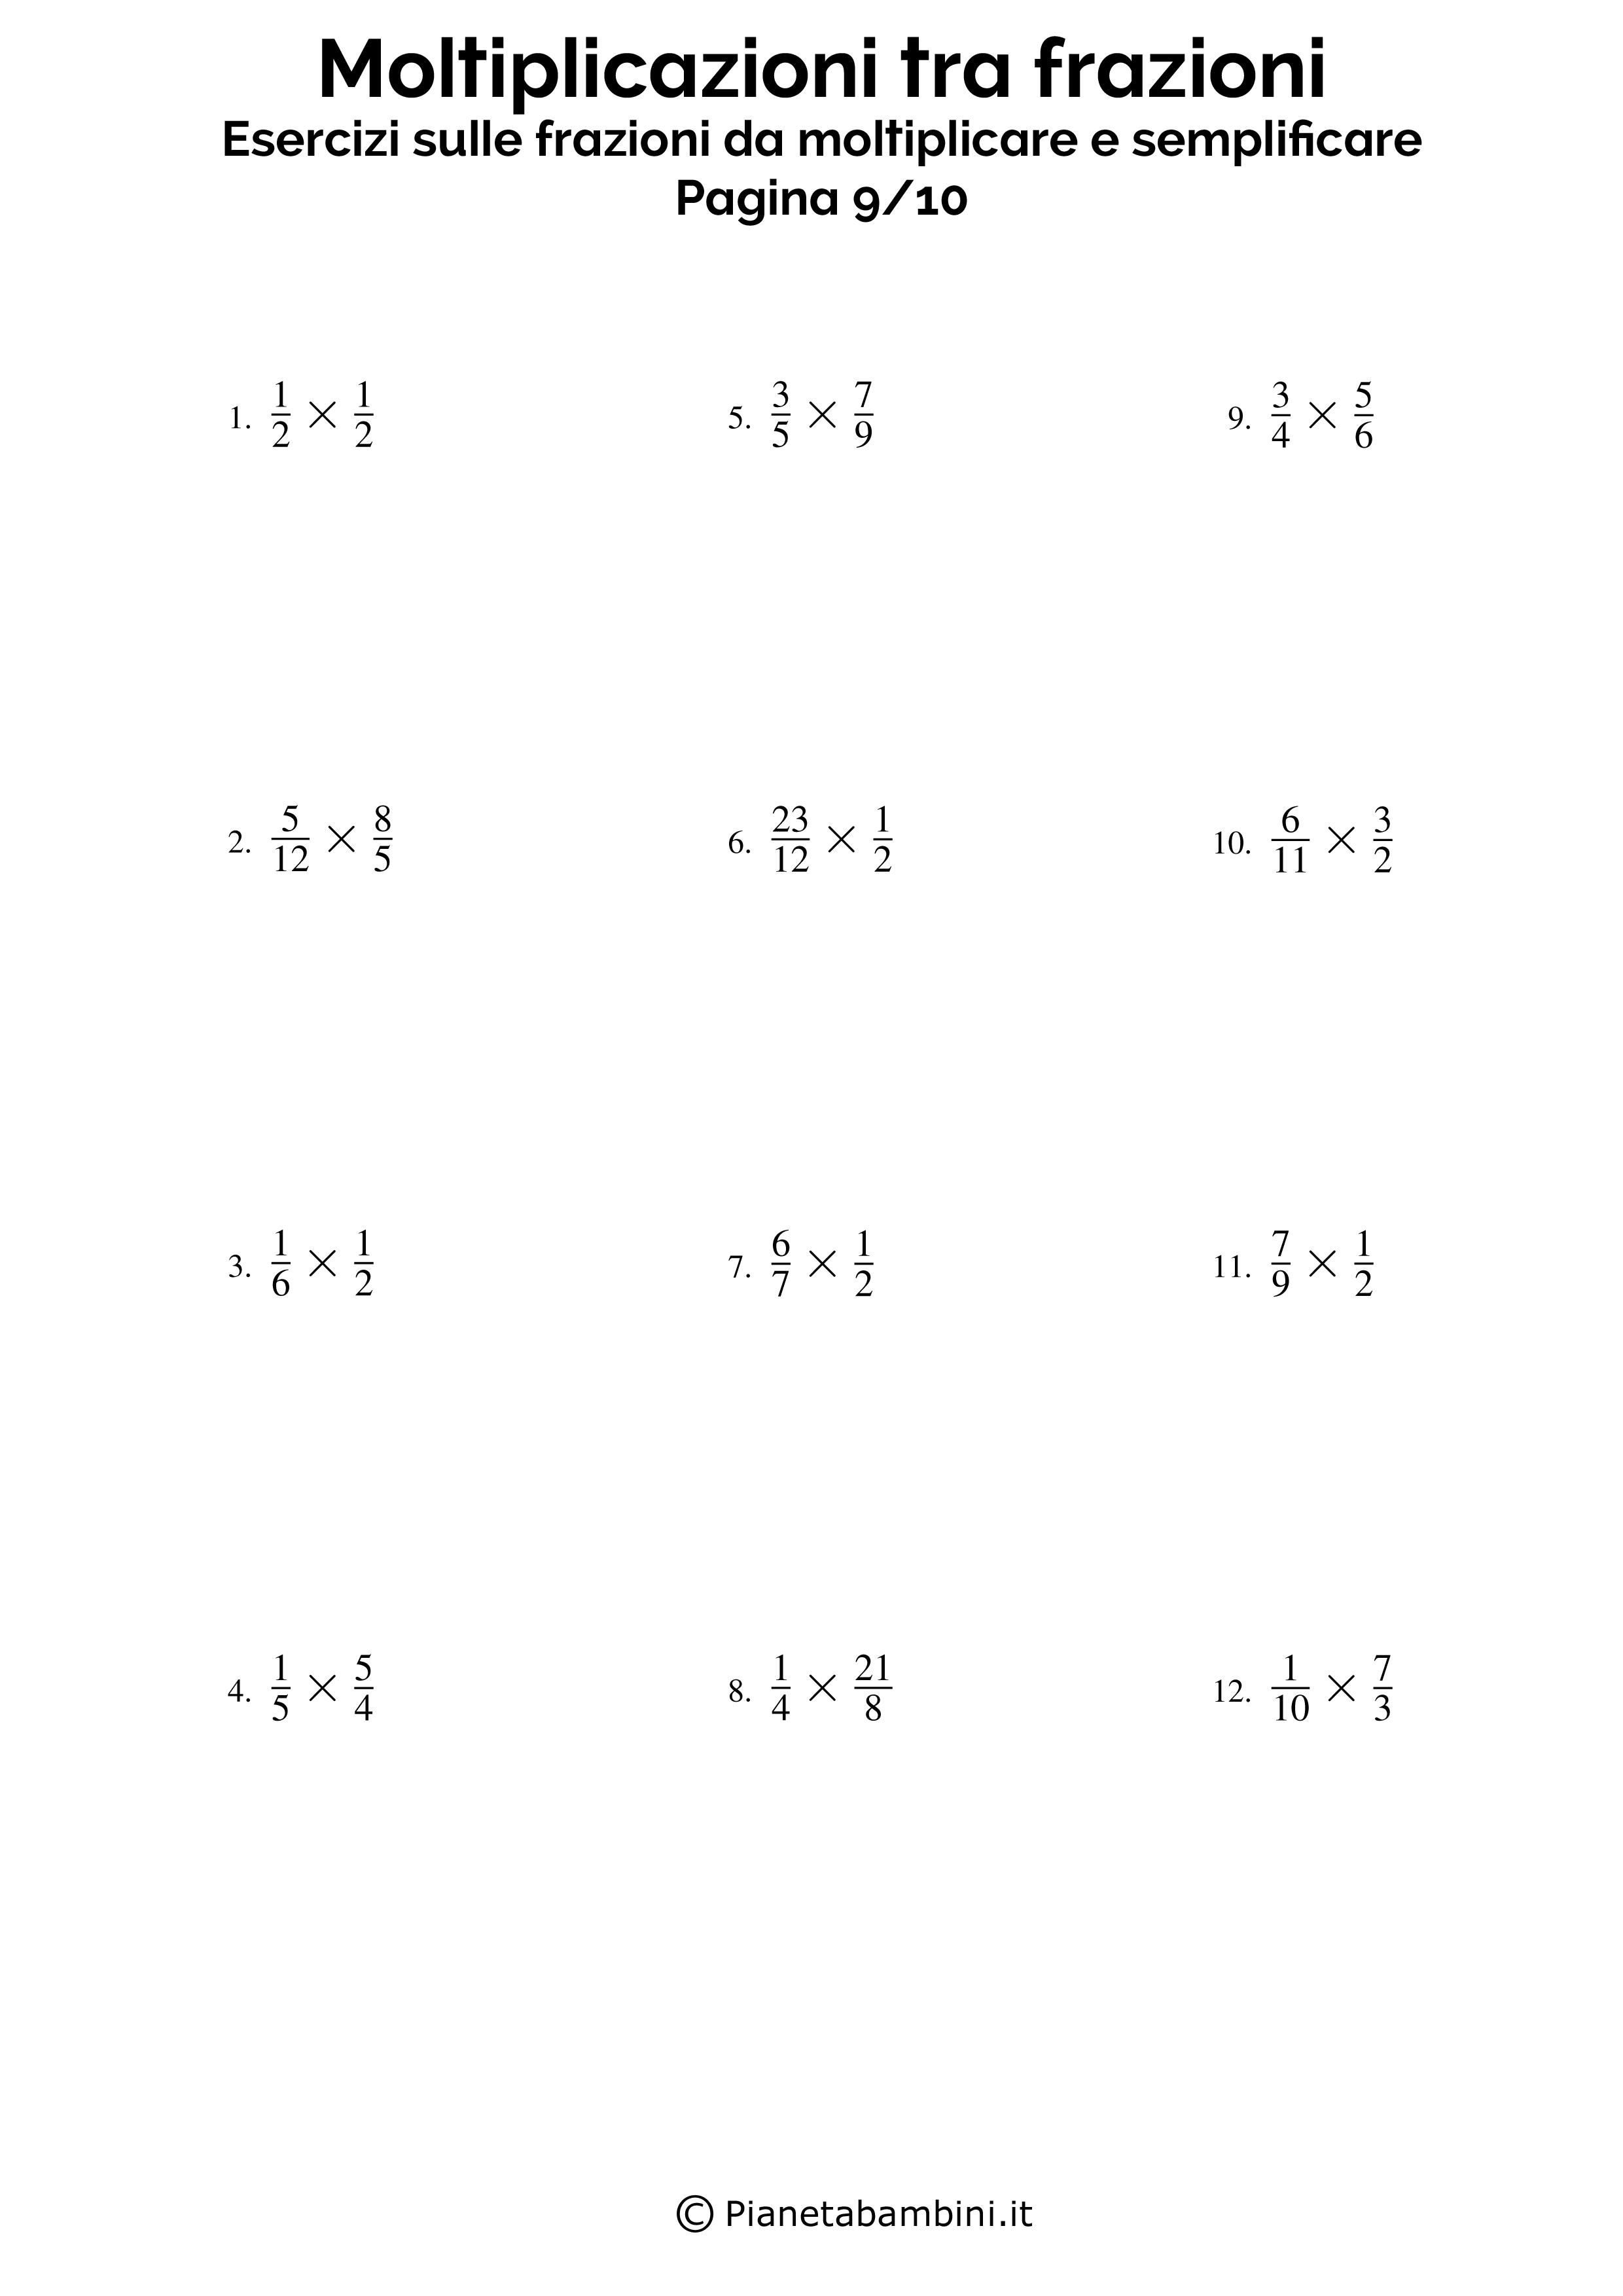 Frazioni-Moltiplicare-Semplificare_09